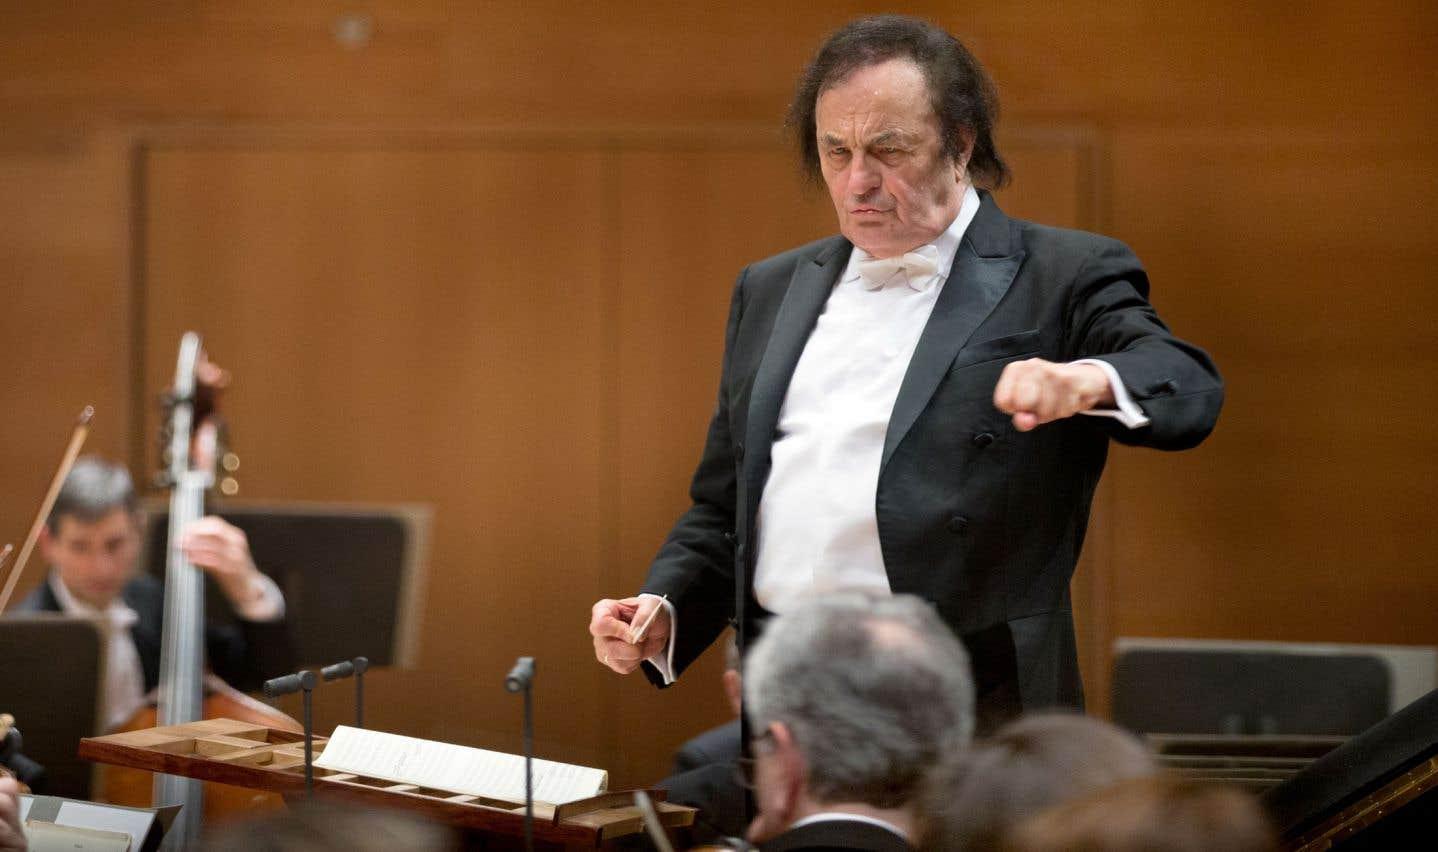 Charles Dutoit quitte le Royal Philharmonic de Londres plus tôt que prévu